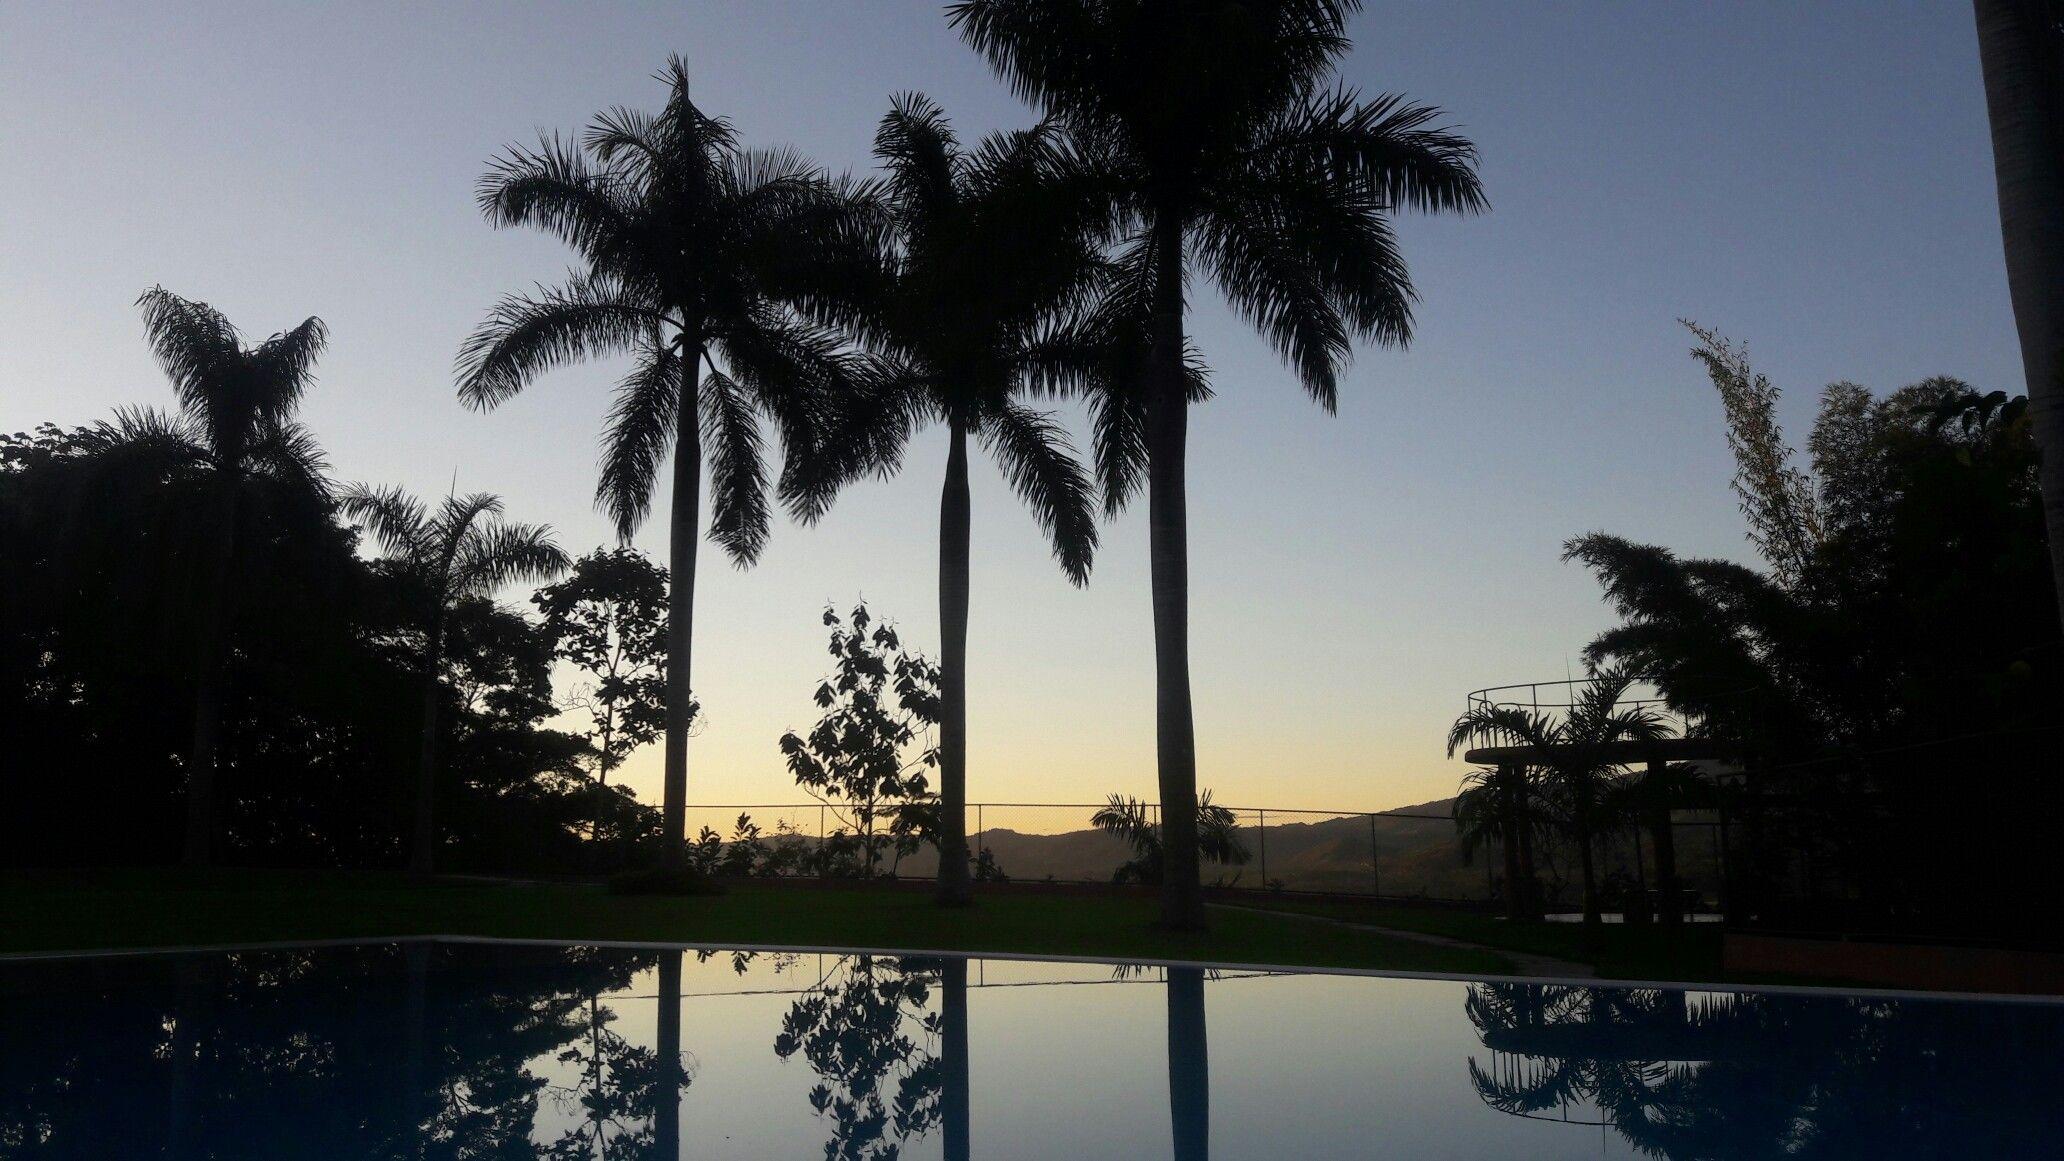 Atardecer en hotel Altavista - Moyobamba